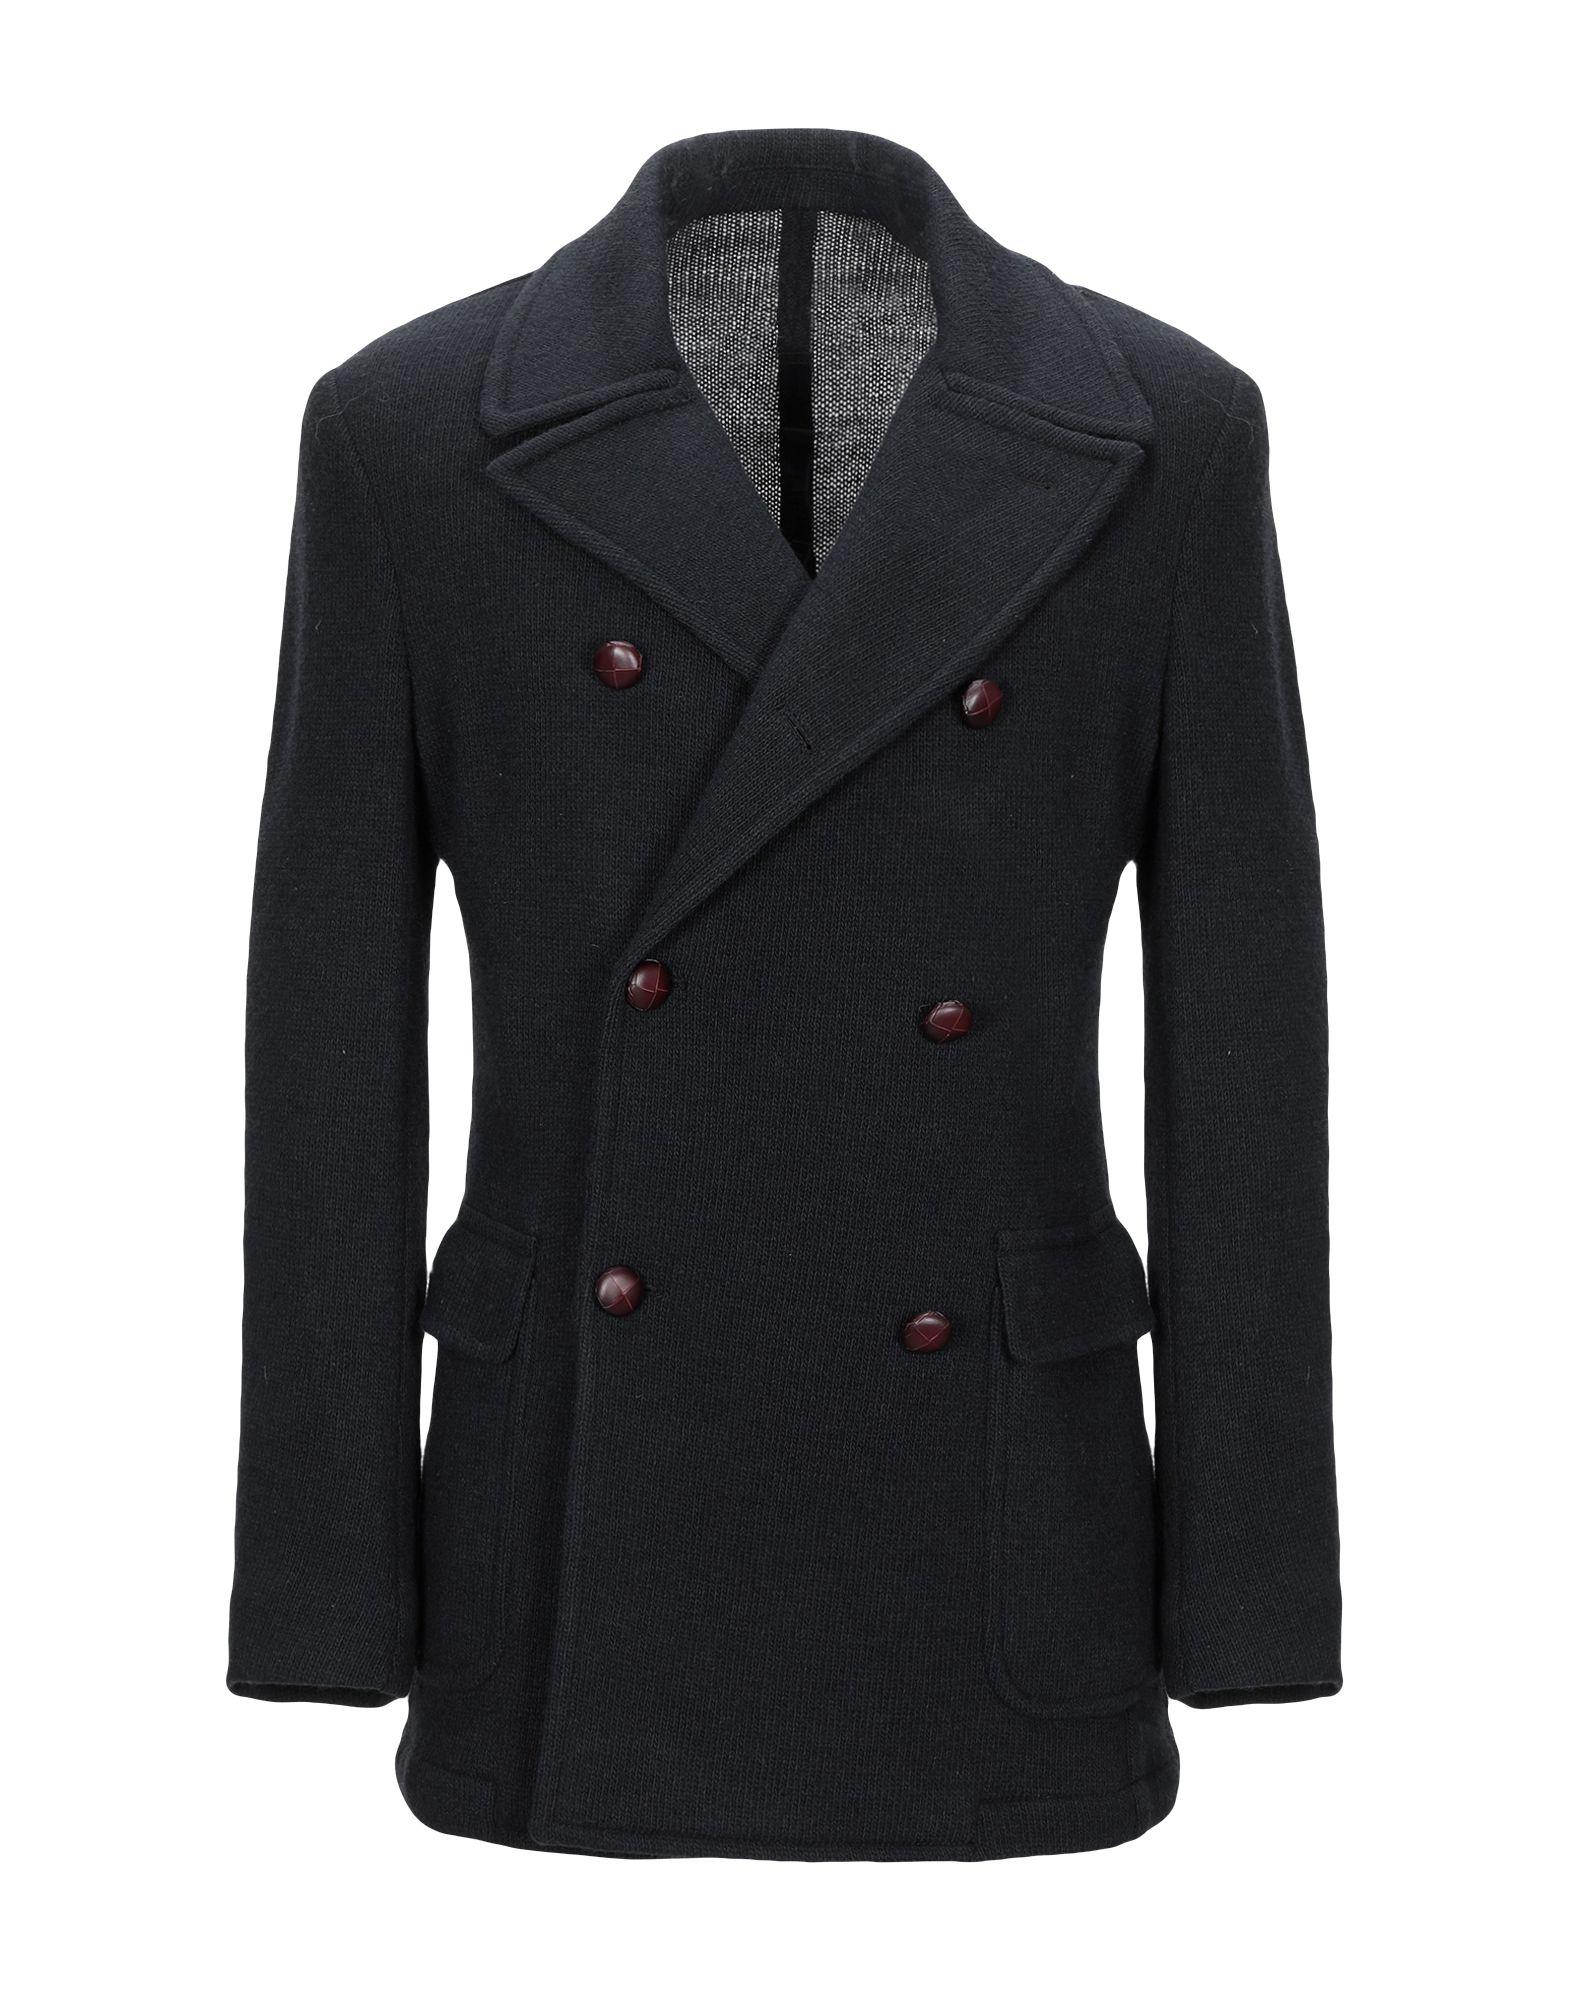 《送料無料》JOHN SHEEP メンズ コート ブラック S アクリル 60% / レーヨン 40%